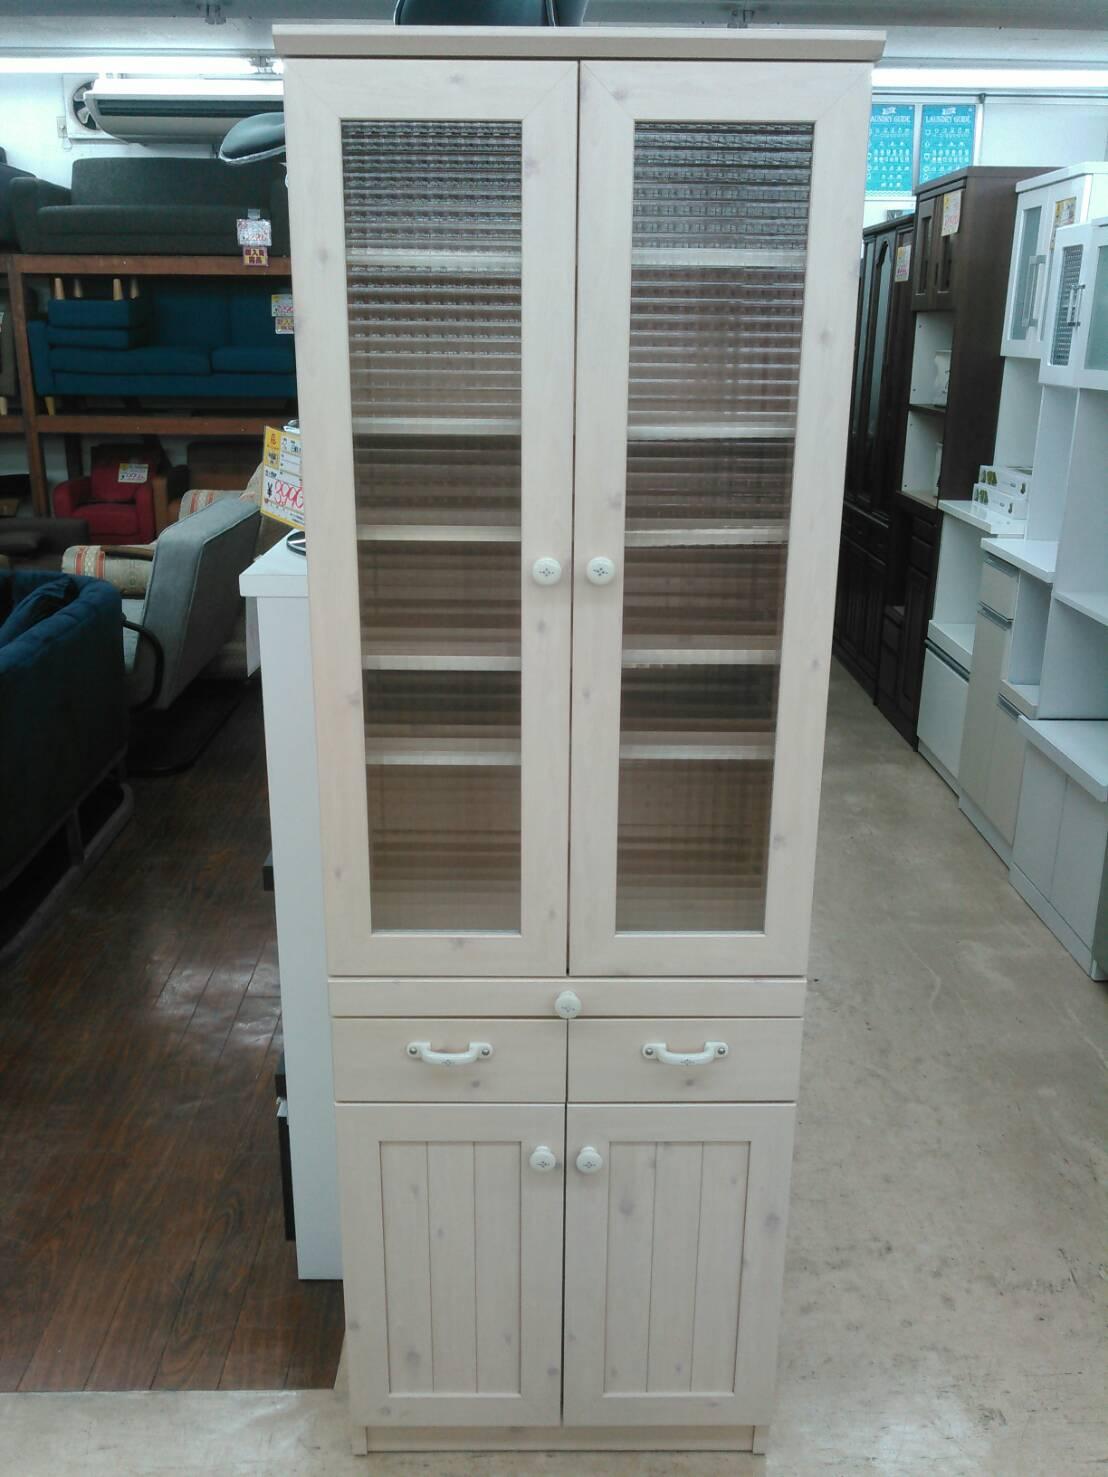 【カップボード 食器棚 キッチンキャビネット かわいい 収納棚】買い取り致しました!の買取-